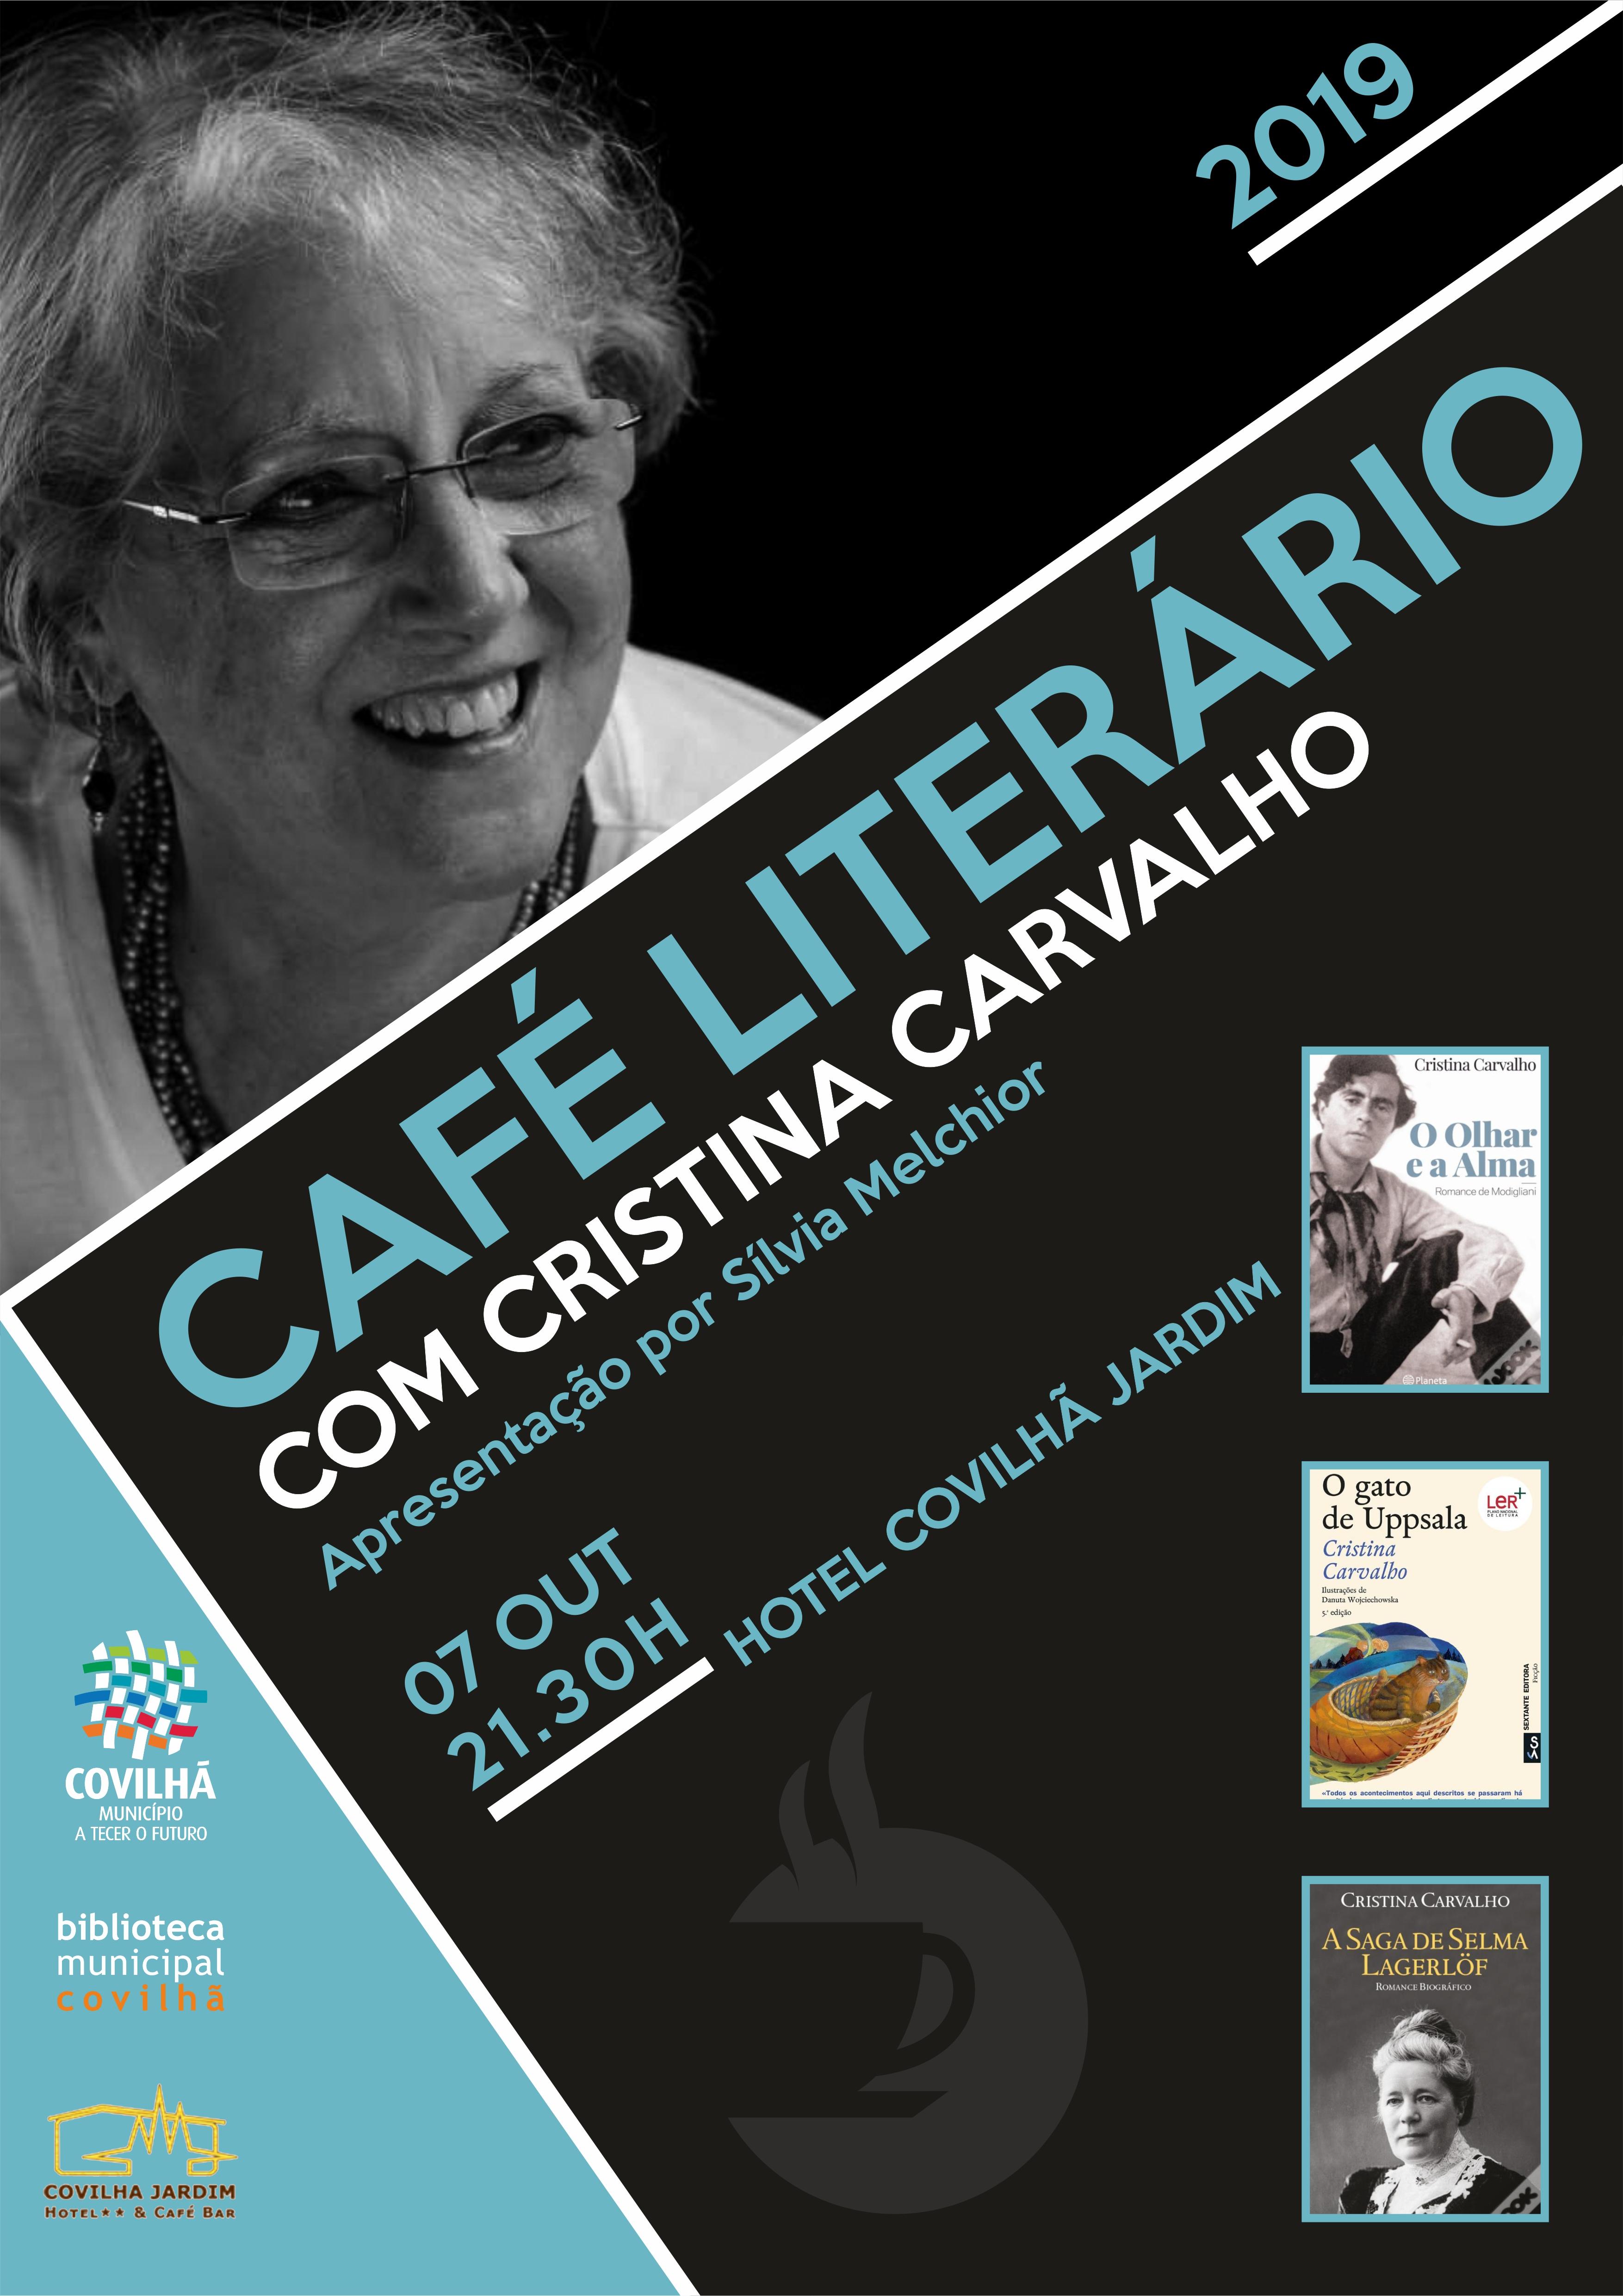 20191007_Café literário Cristina Carvalho